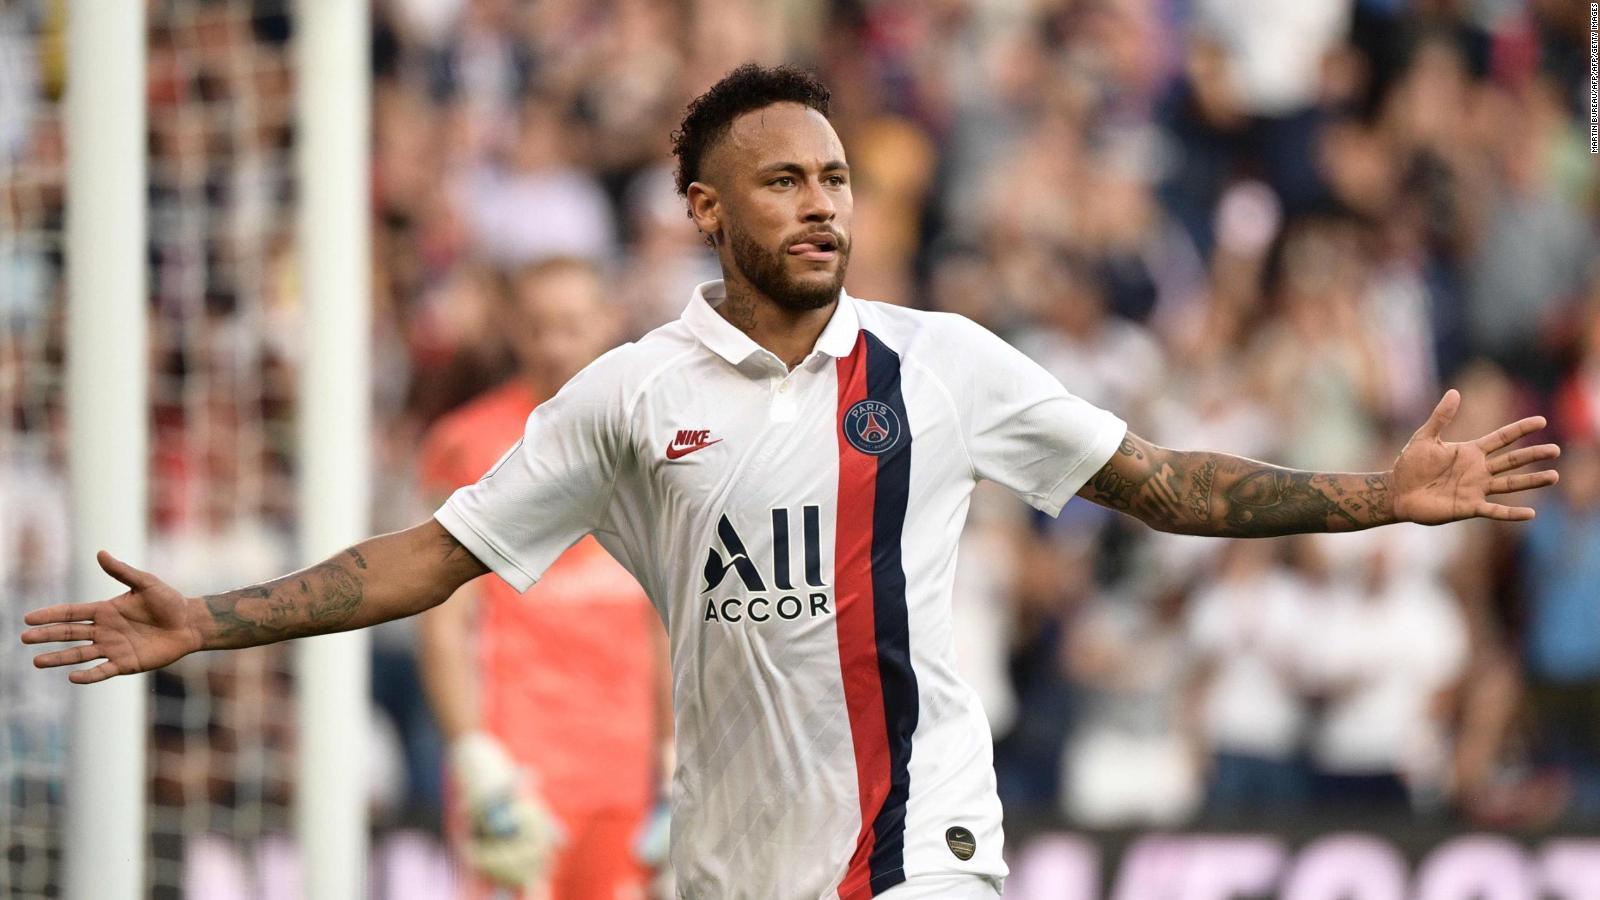 مقتصد مصارعة قمة الرأس neymar white psg jersey